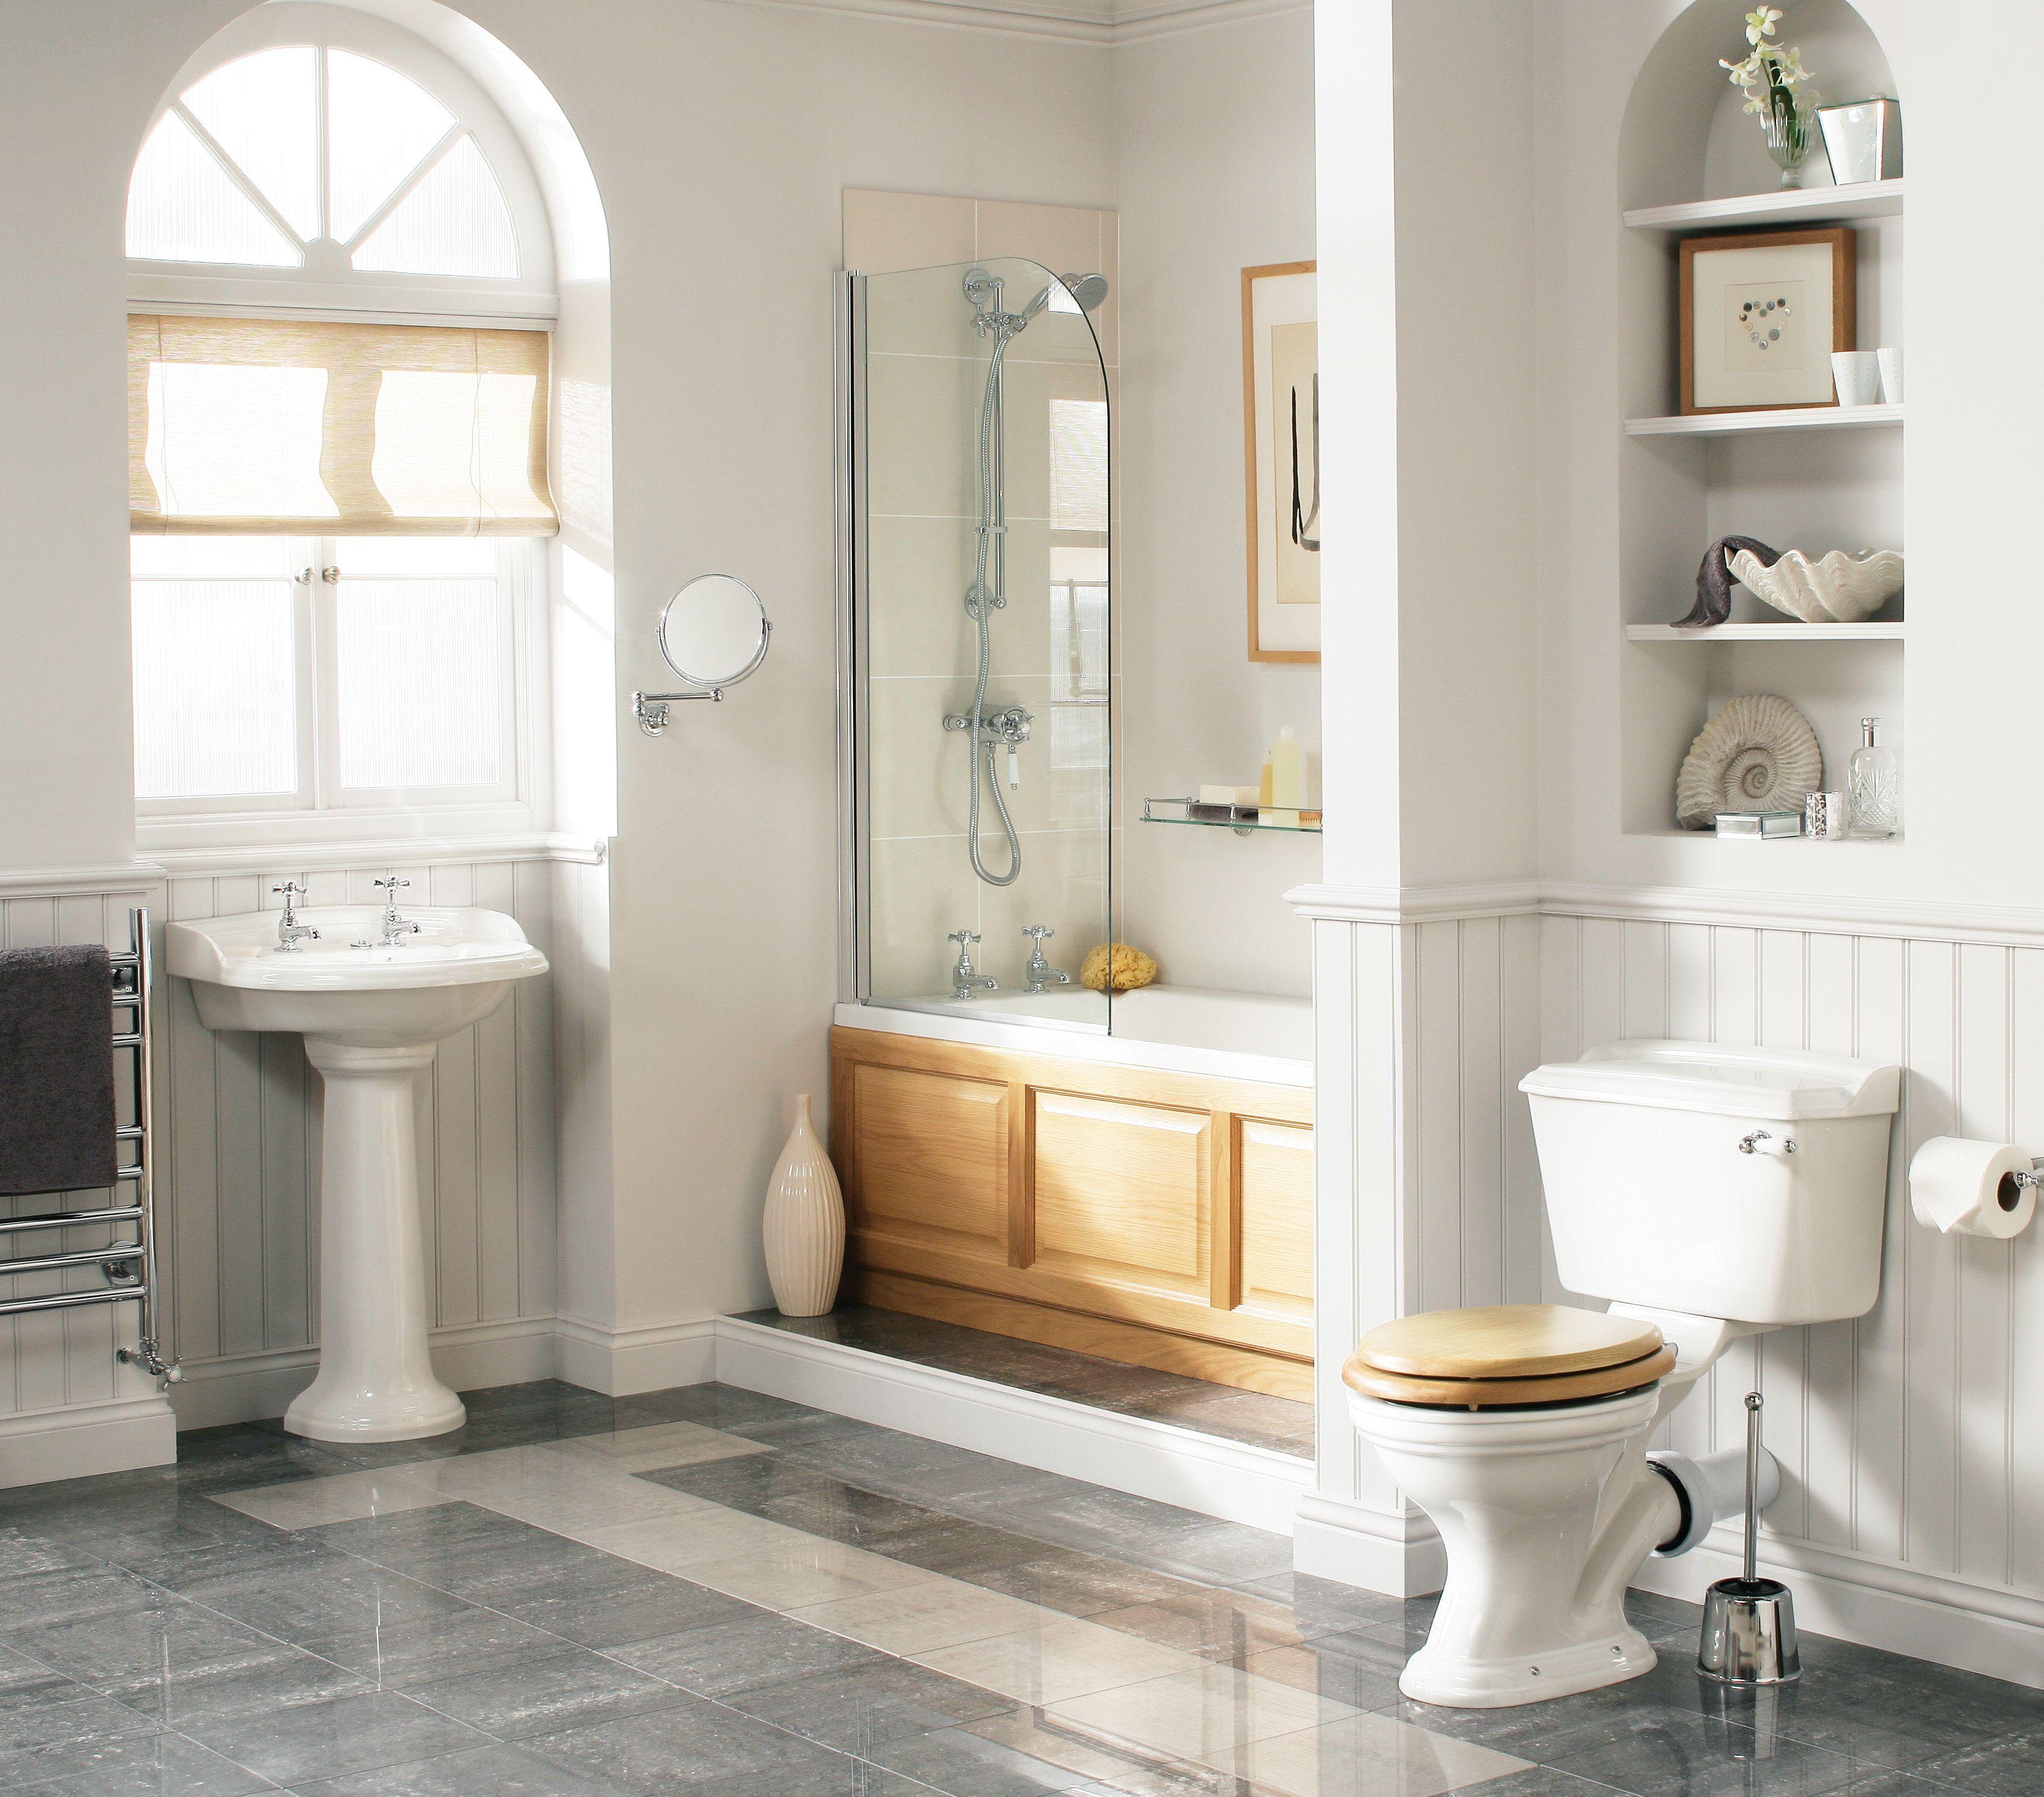 Heritage Bathrooms Victoria Bathroom Suite In White: Dorchester Bathroom Suites From Heritage Bathrooms